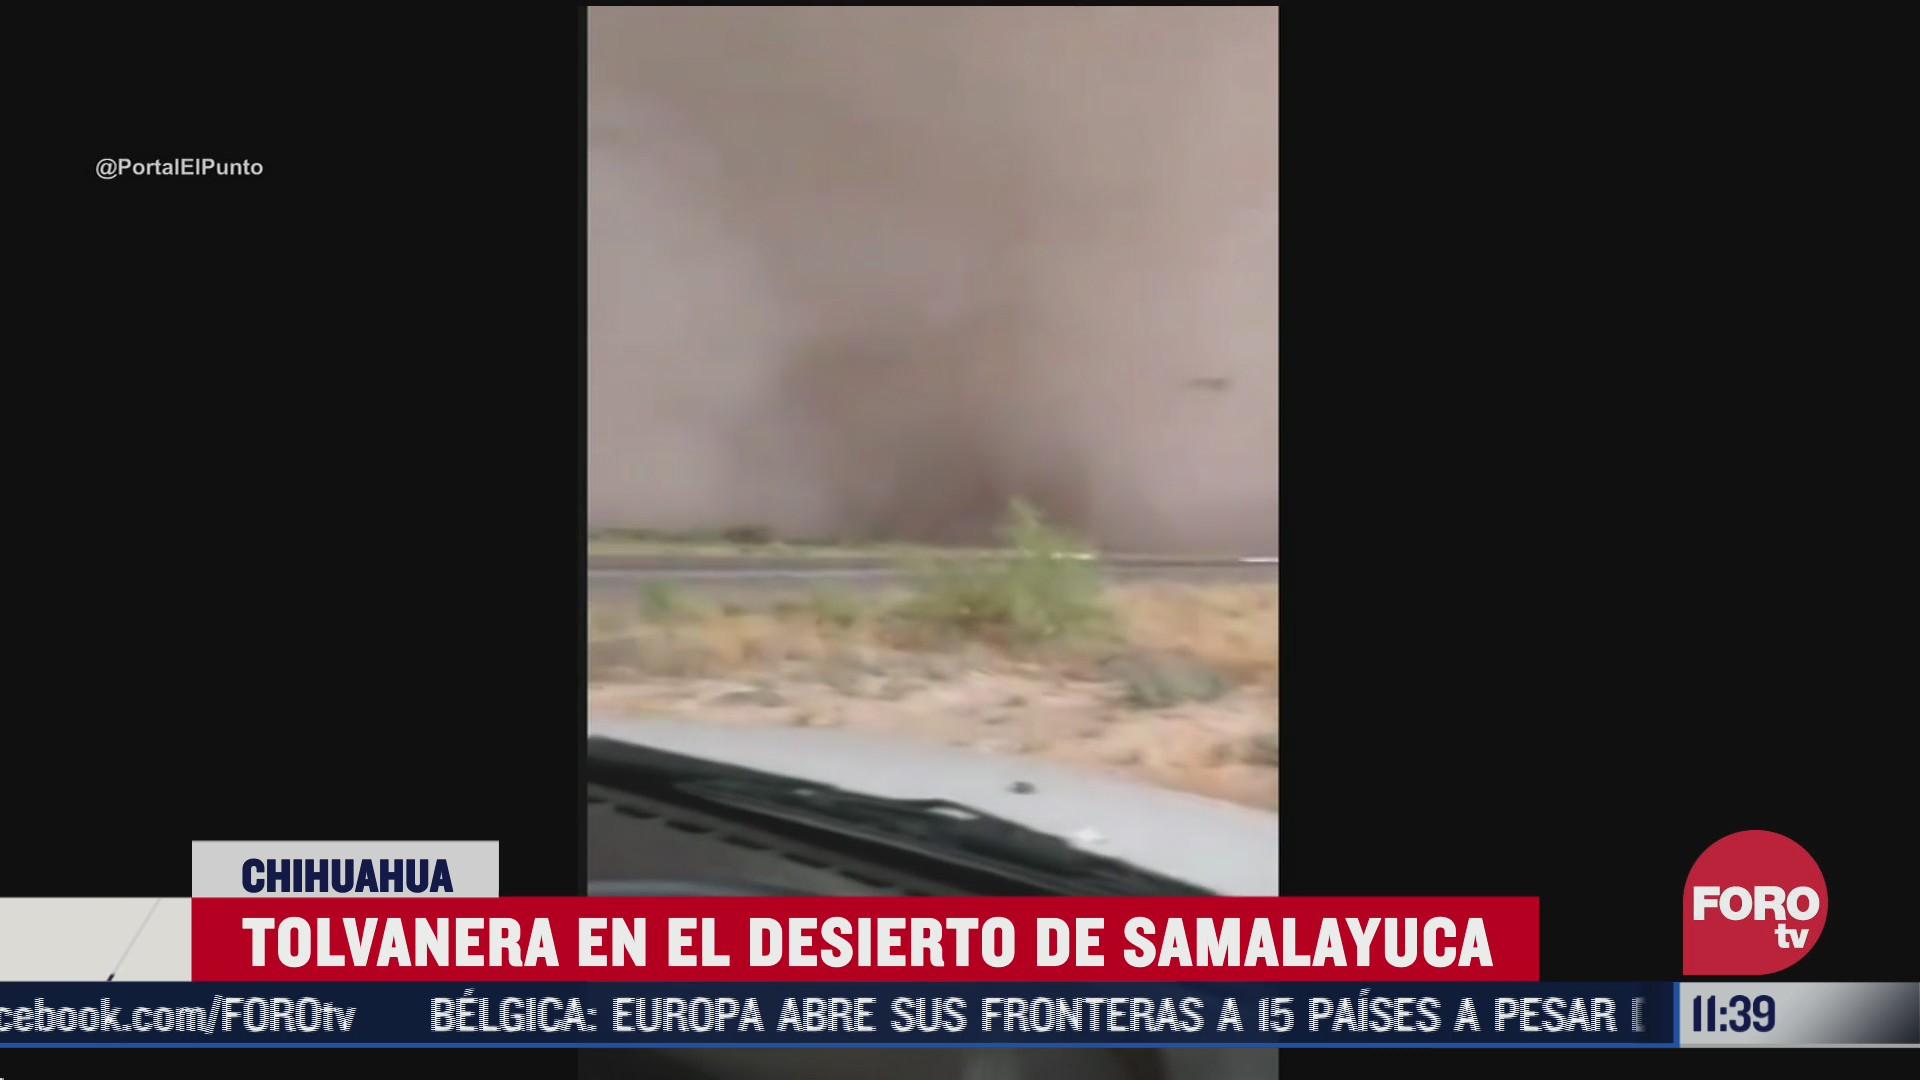 tolvanera en el desierto de samalayuca en chihuahua